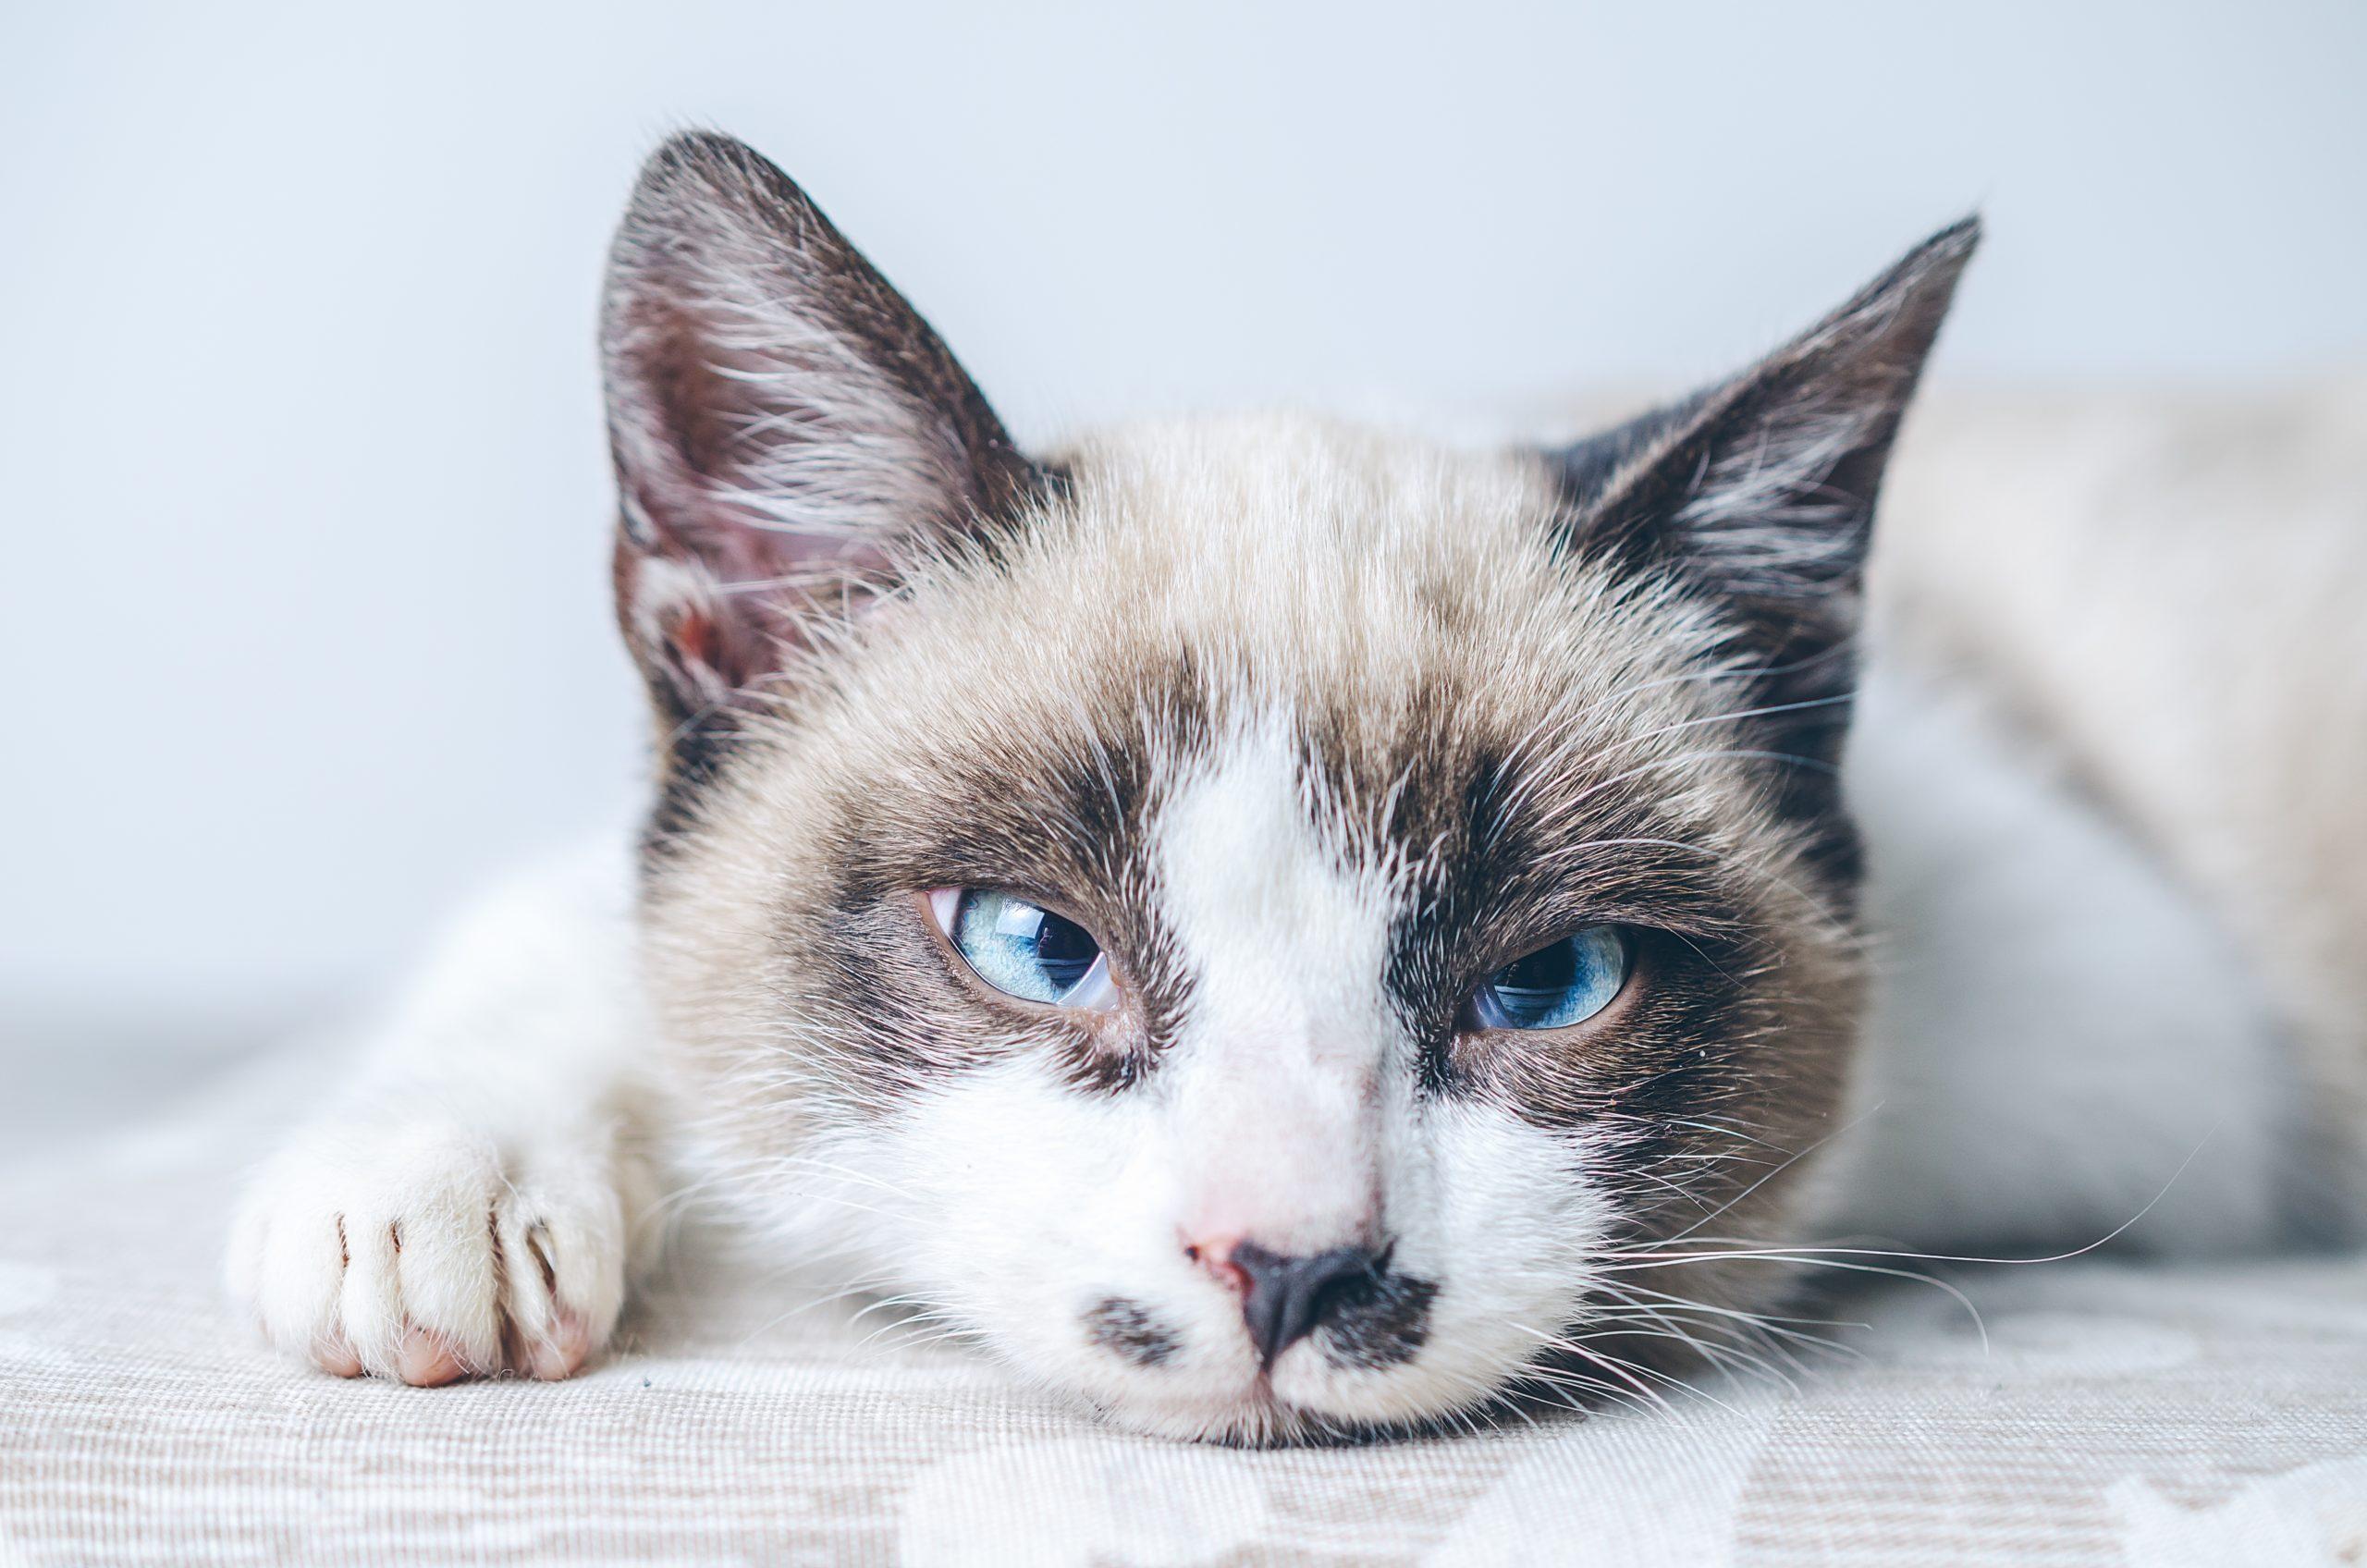 しっぽが短い猫と長い猫との違い